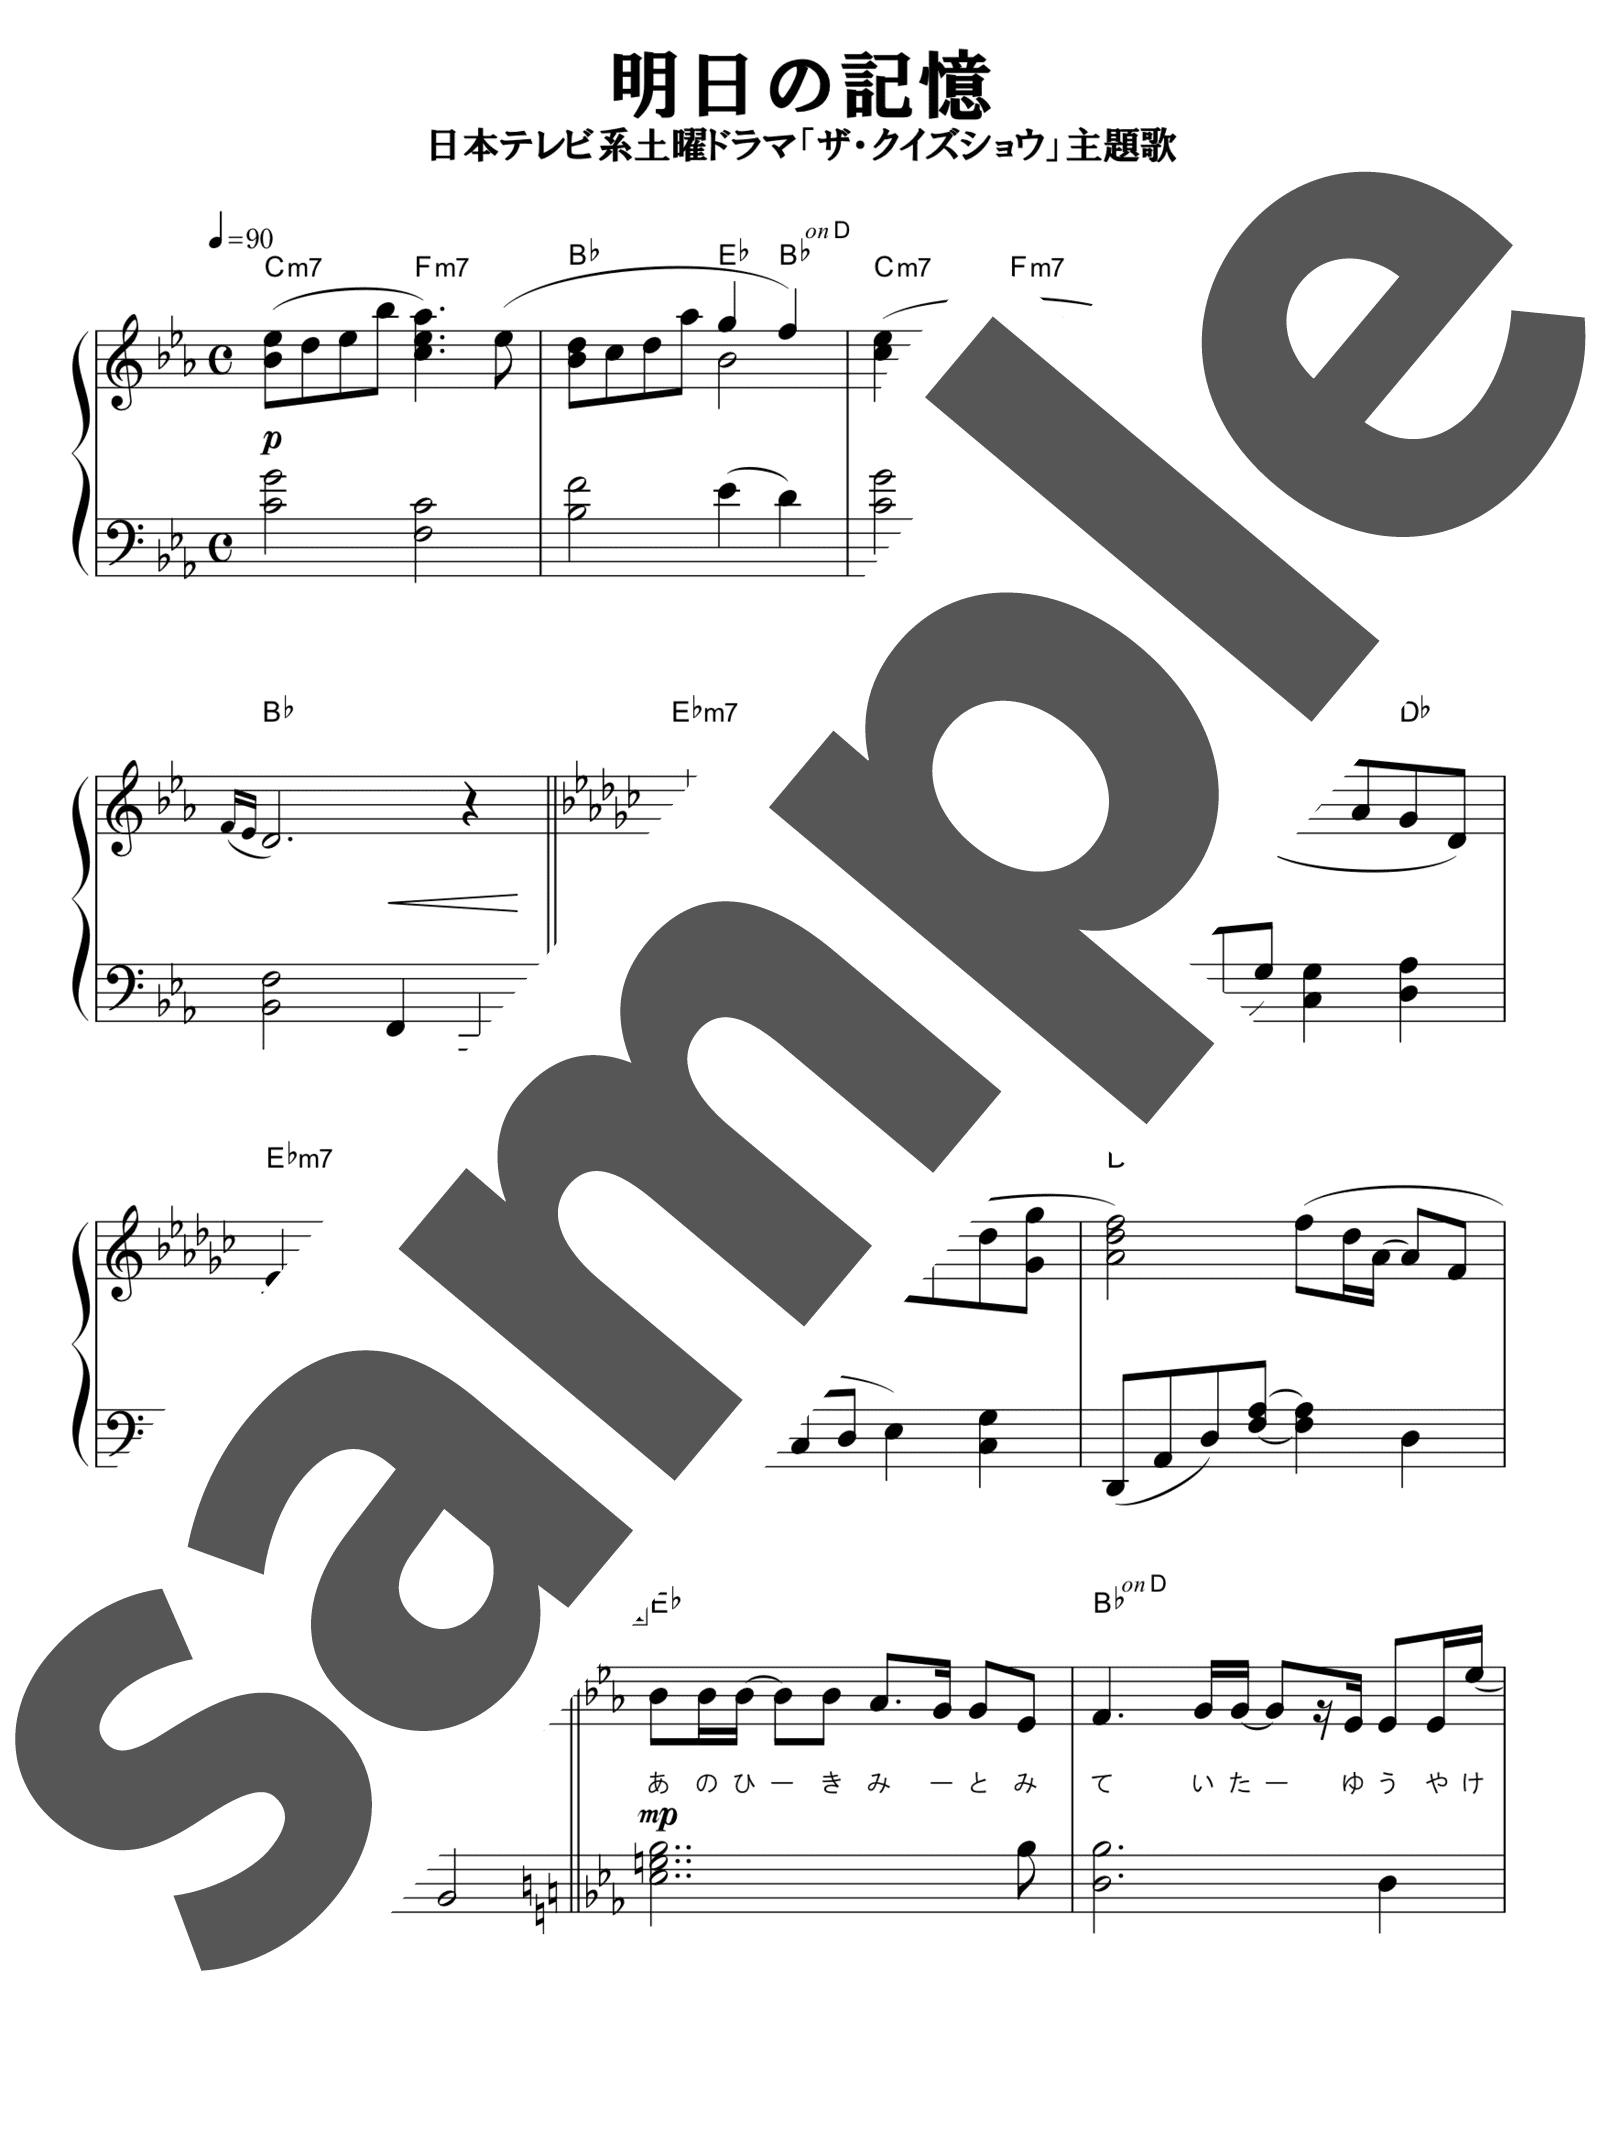 「明日の記憶」のサンプル楽譜